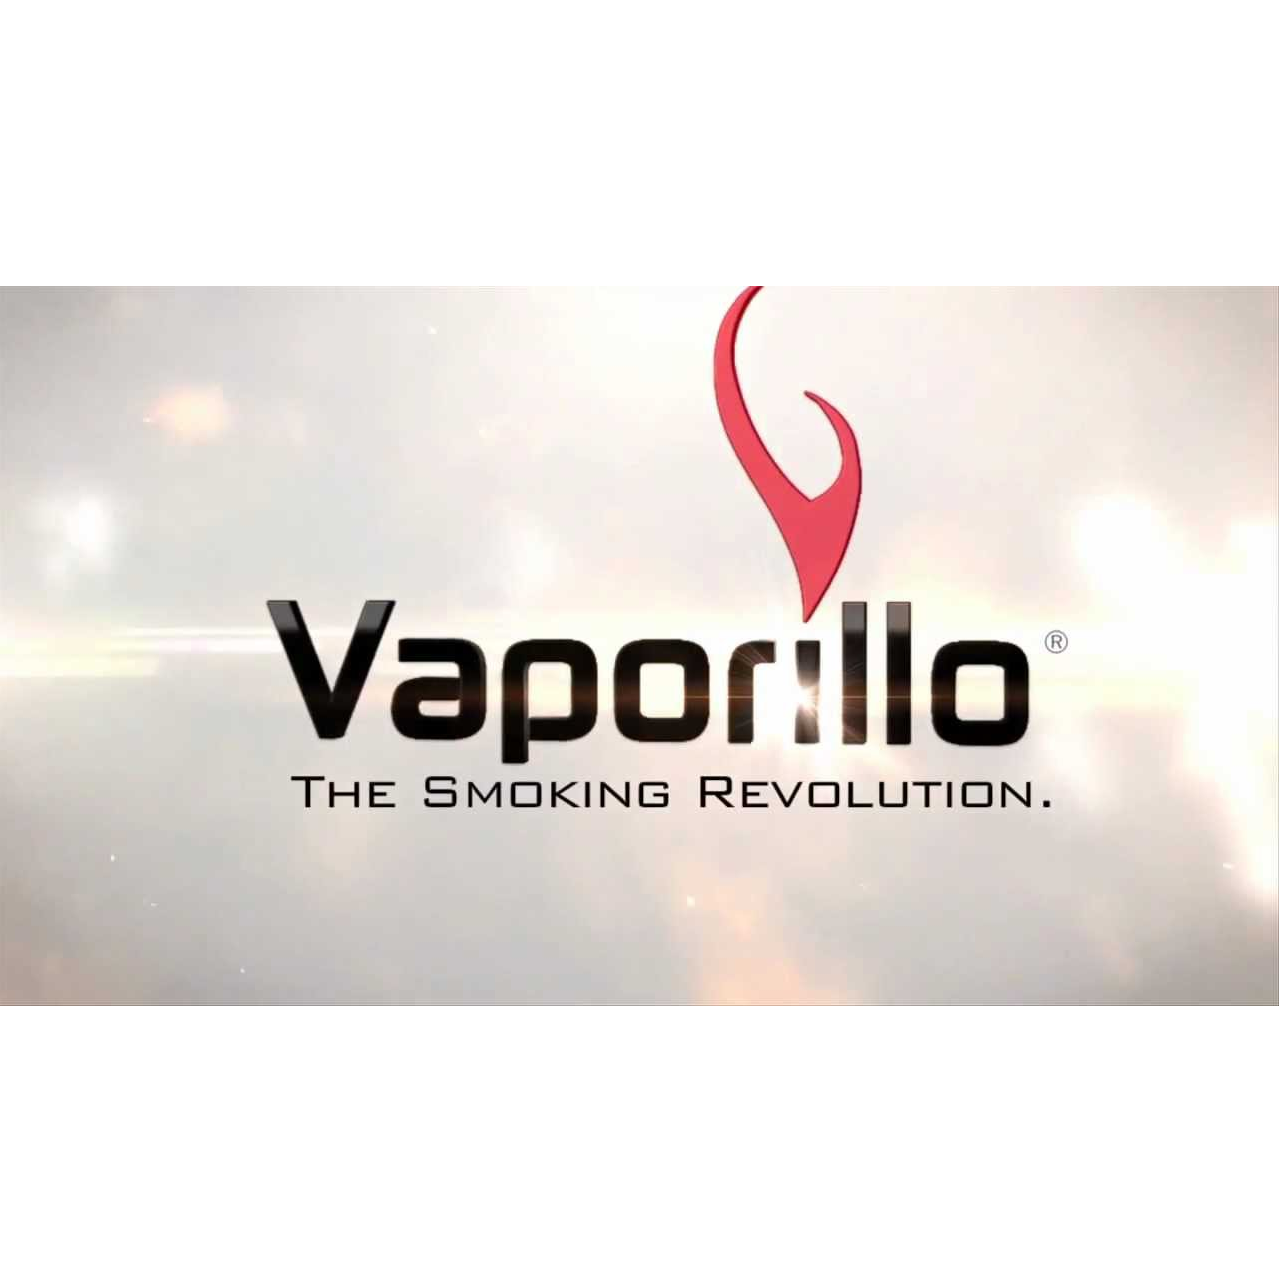 Vaporillo franchise